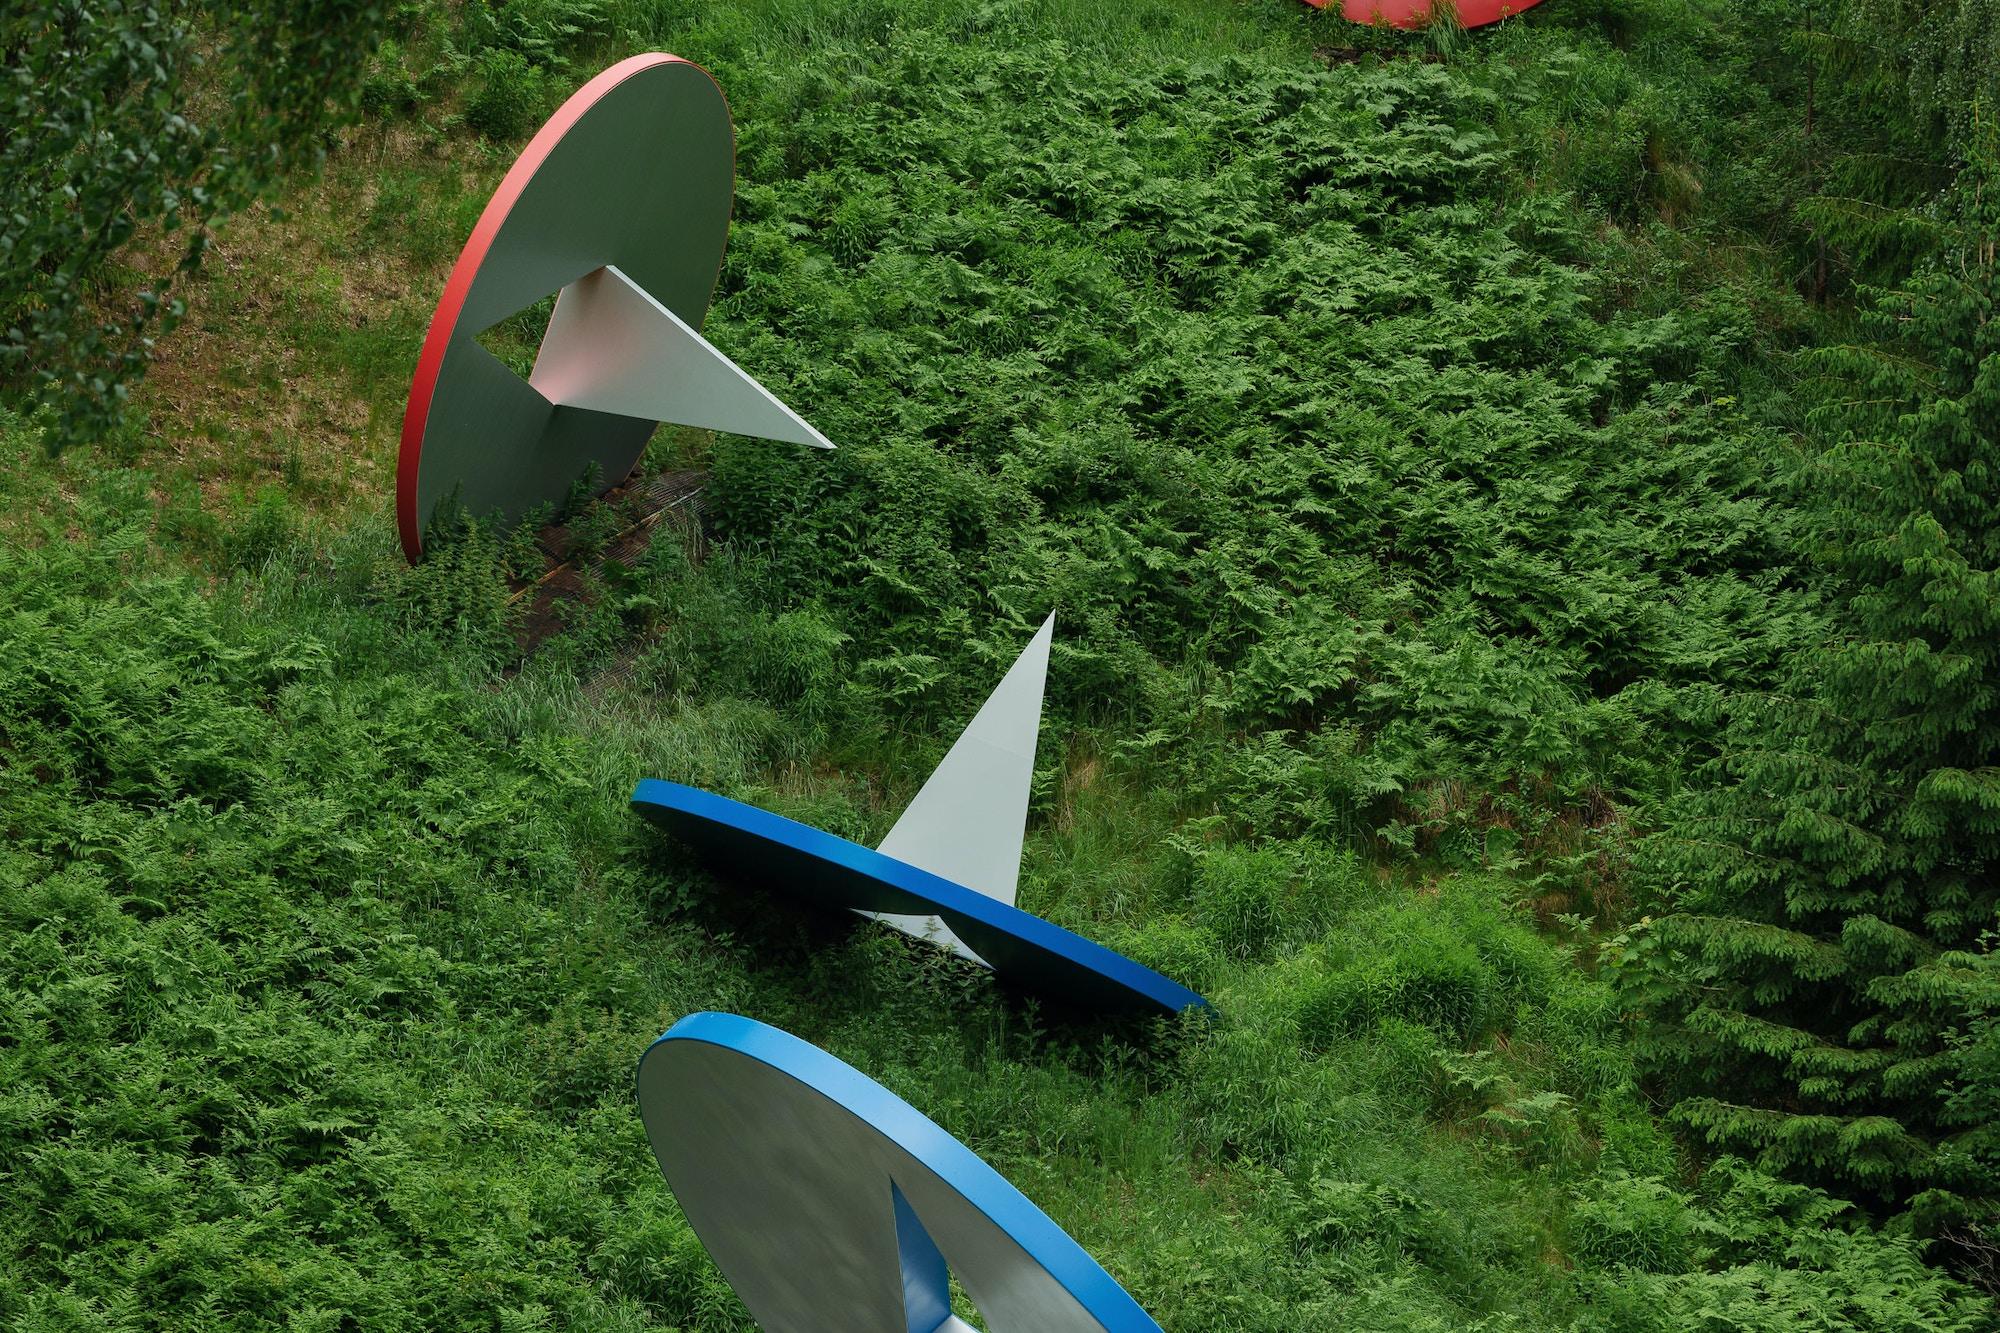 Skulptur, enorme tegnestifter i fritt fall nedover en åskam.